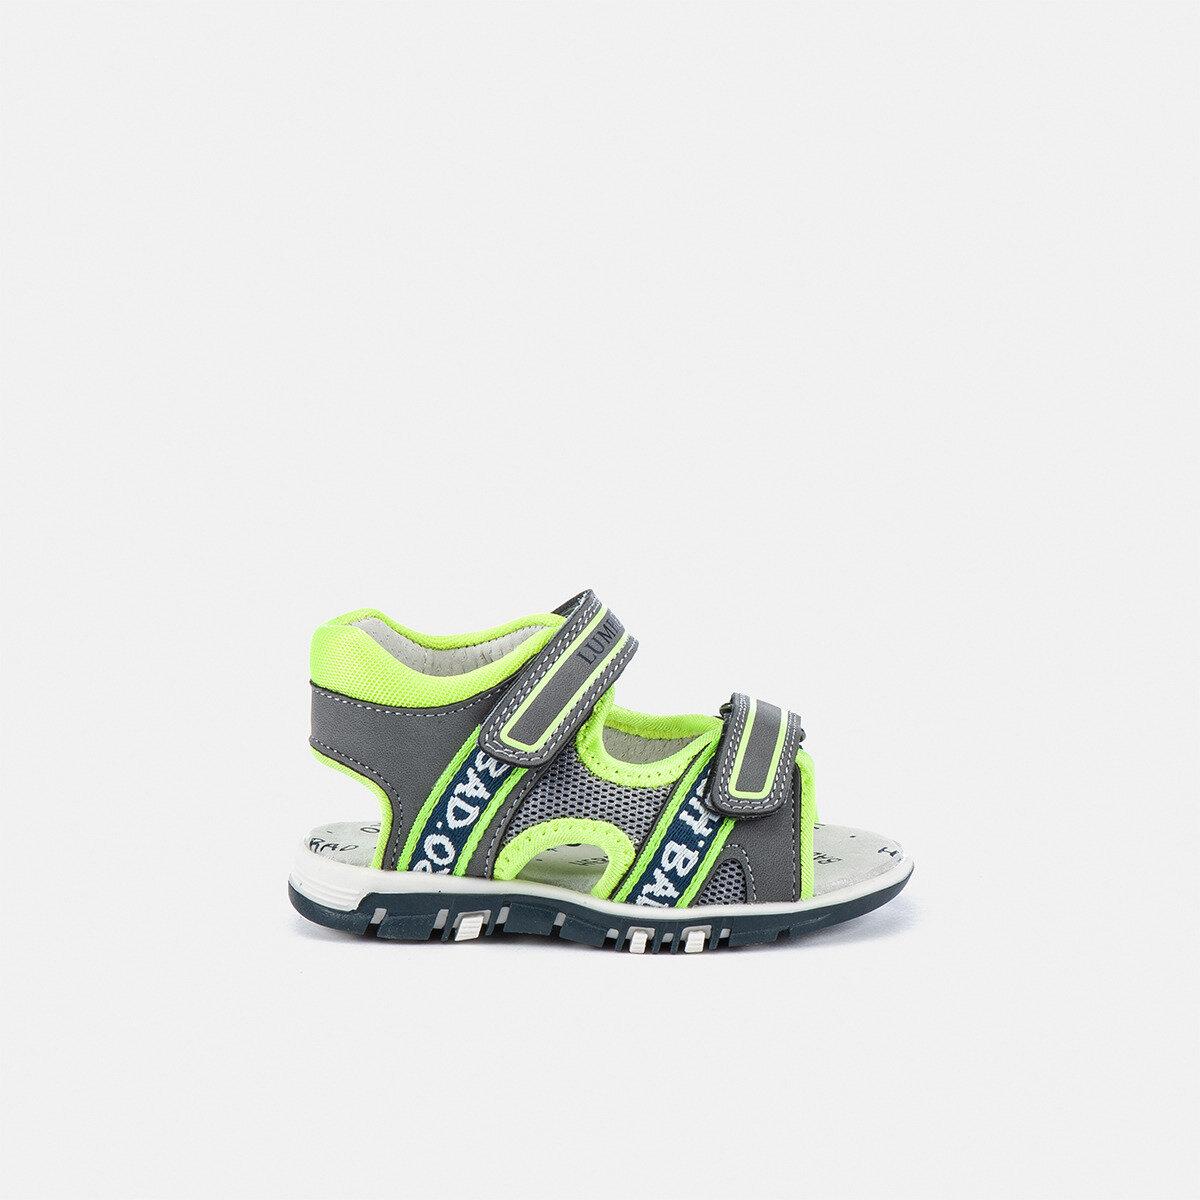 BILLY GREY/ACID GREEN Boy Sandals